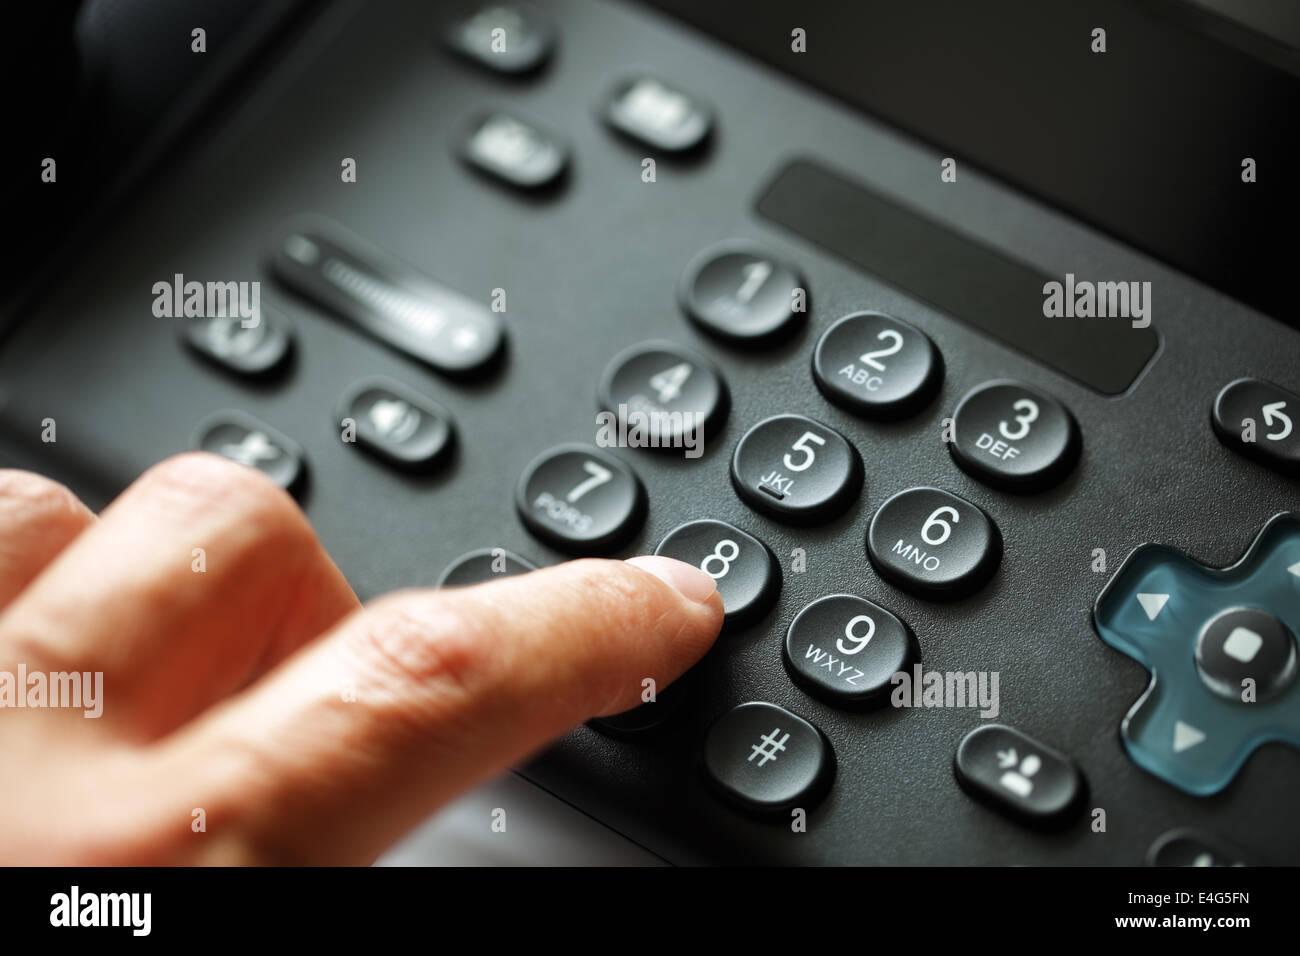 Dialing telephone keypad - Stock Image